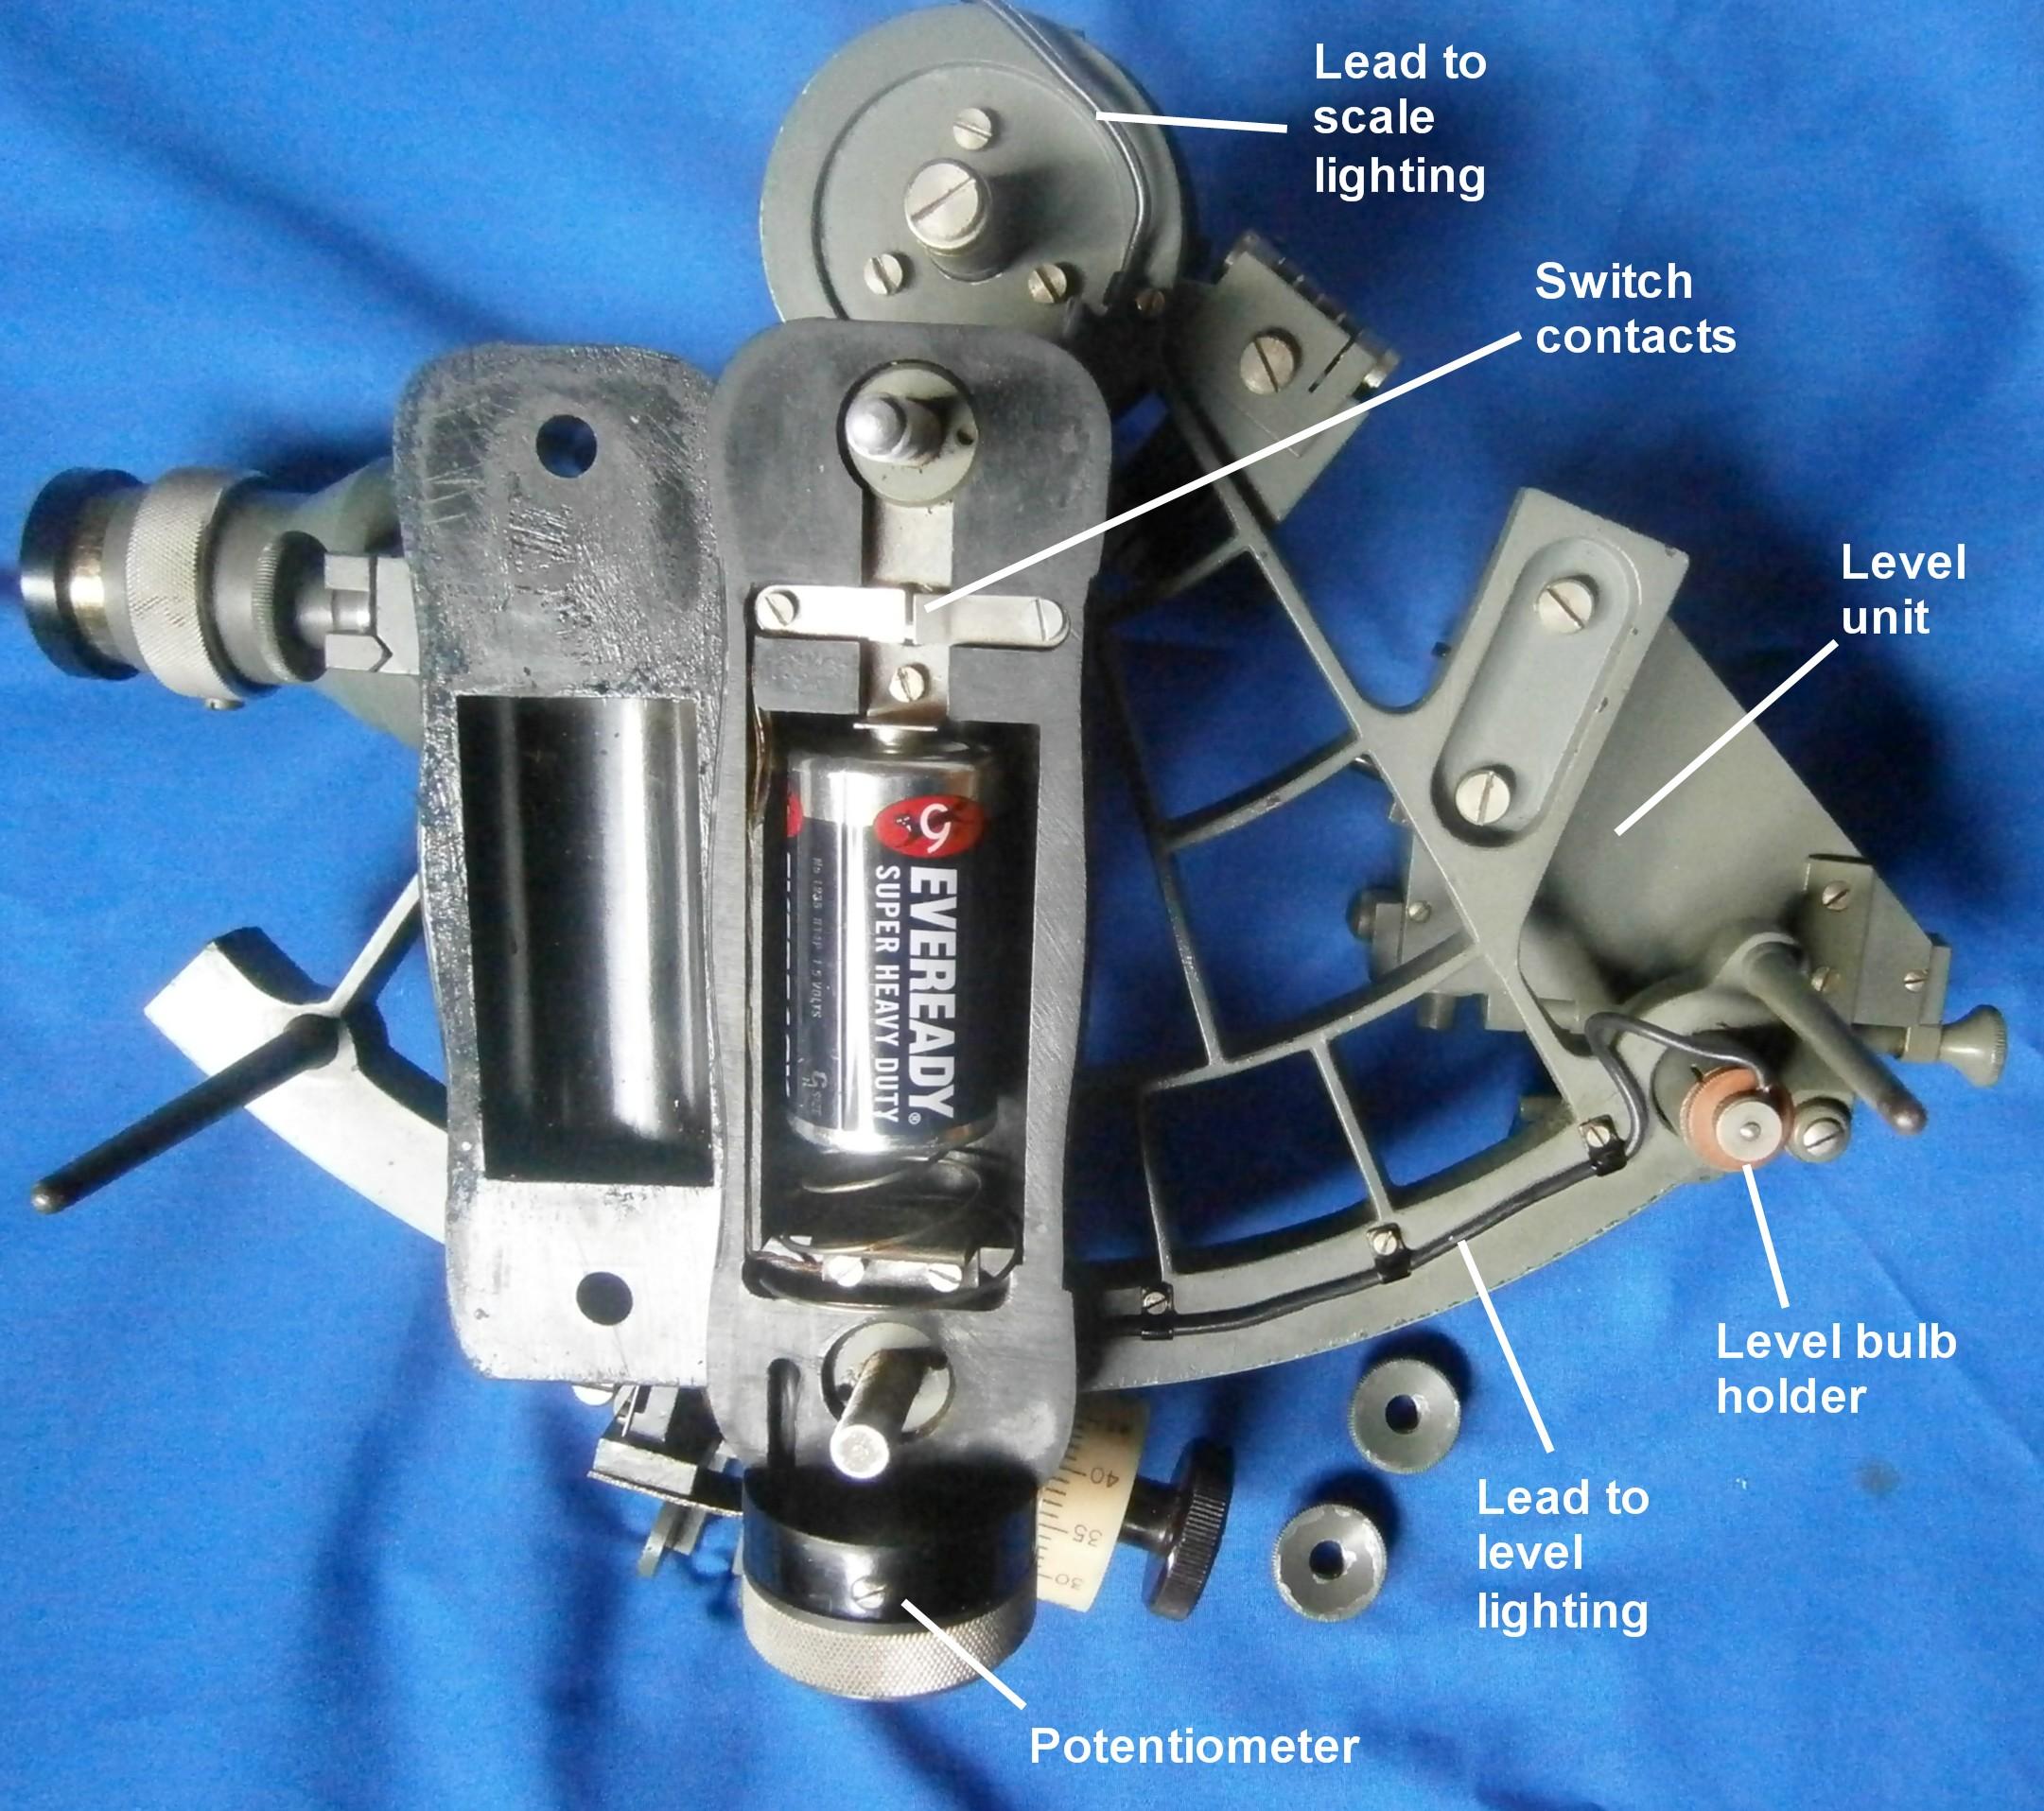 Lighting system 001